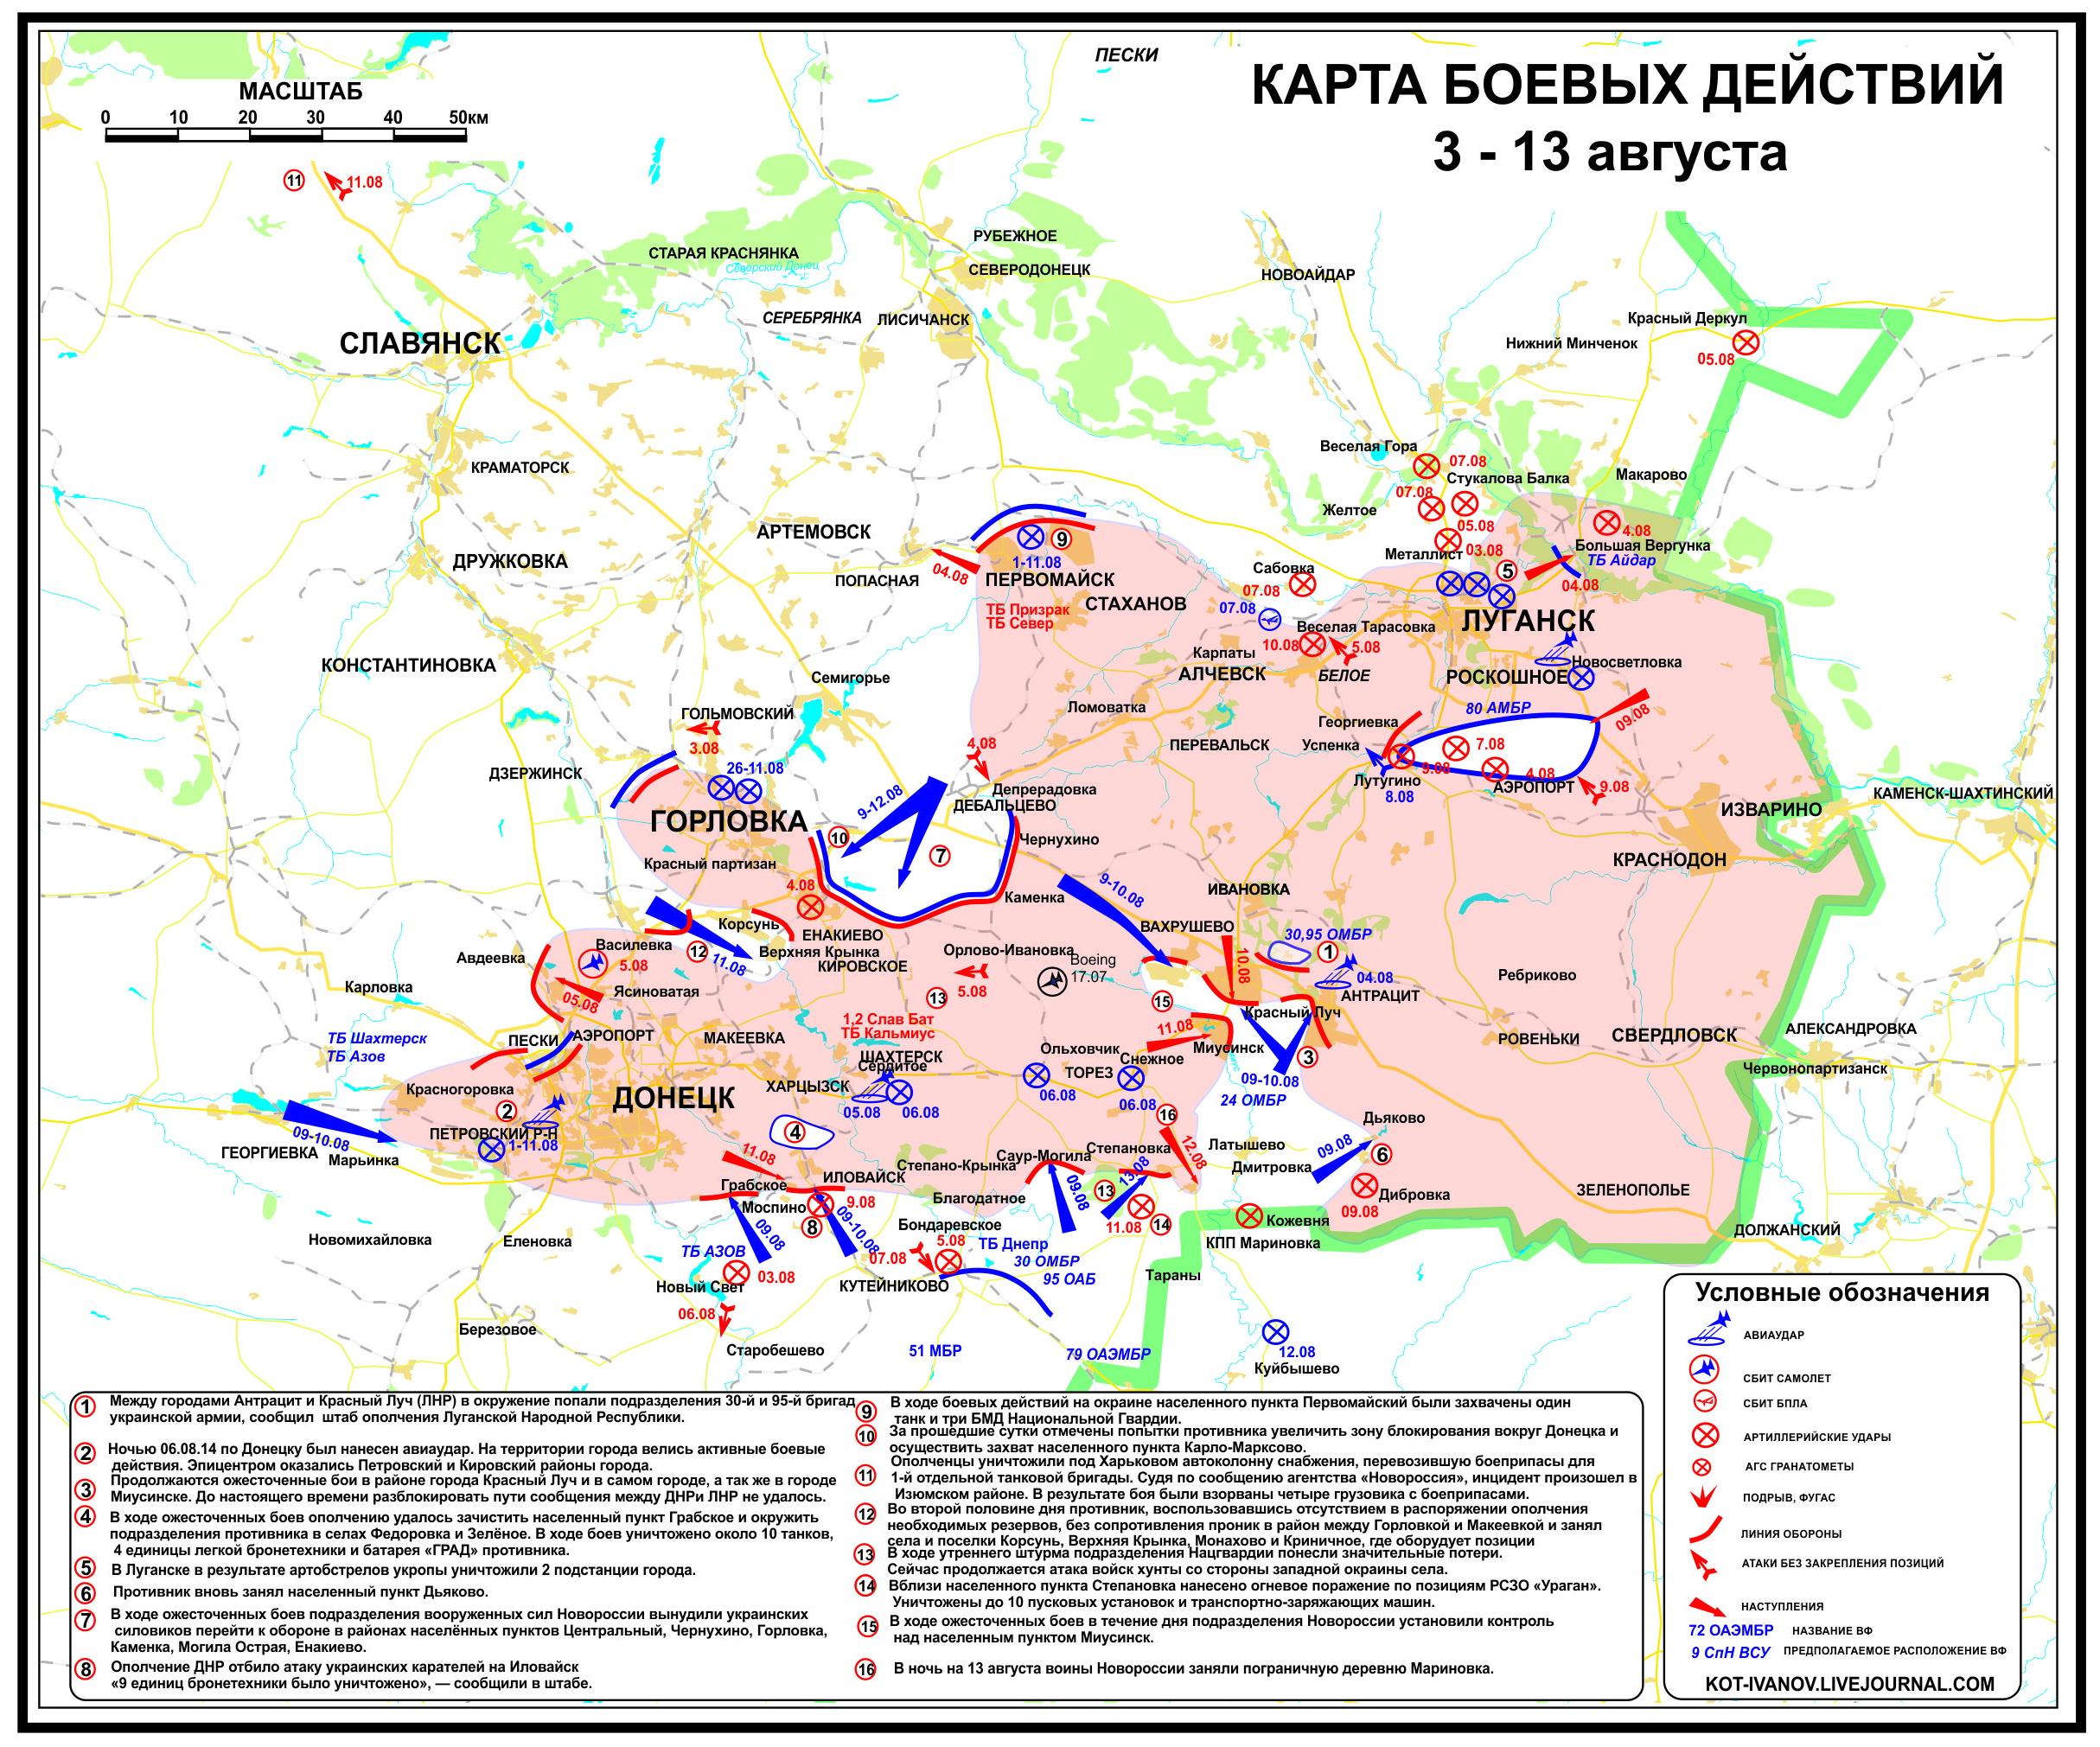 http://ic.pics.livejournal.com/kot_ivanov/71733898/16400/16400_original.jpg